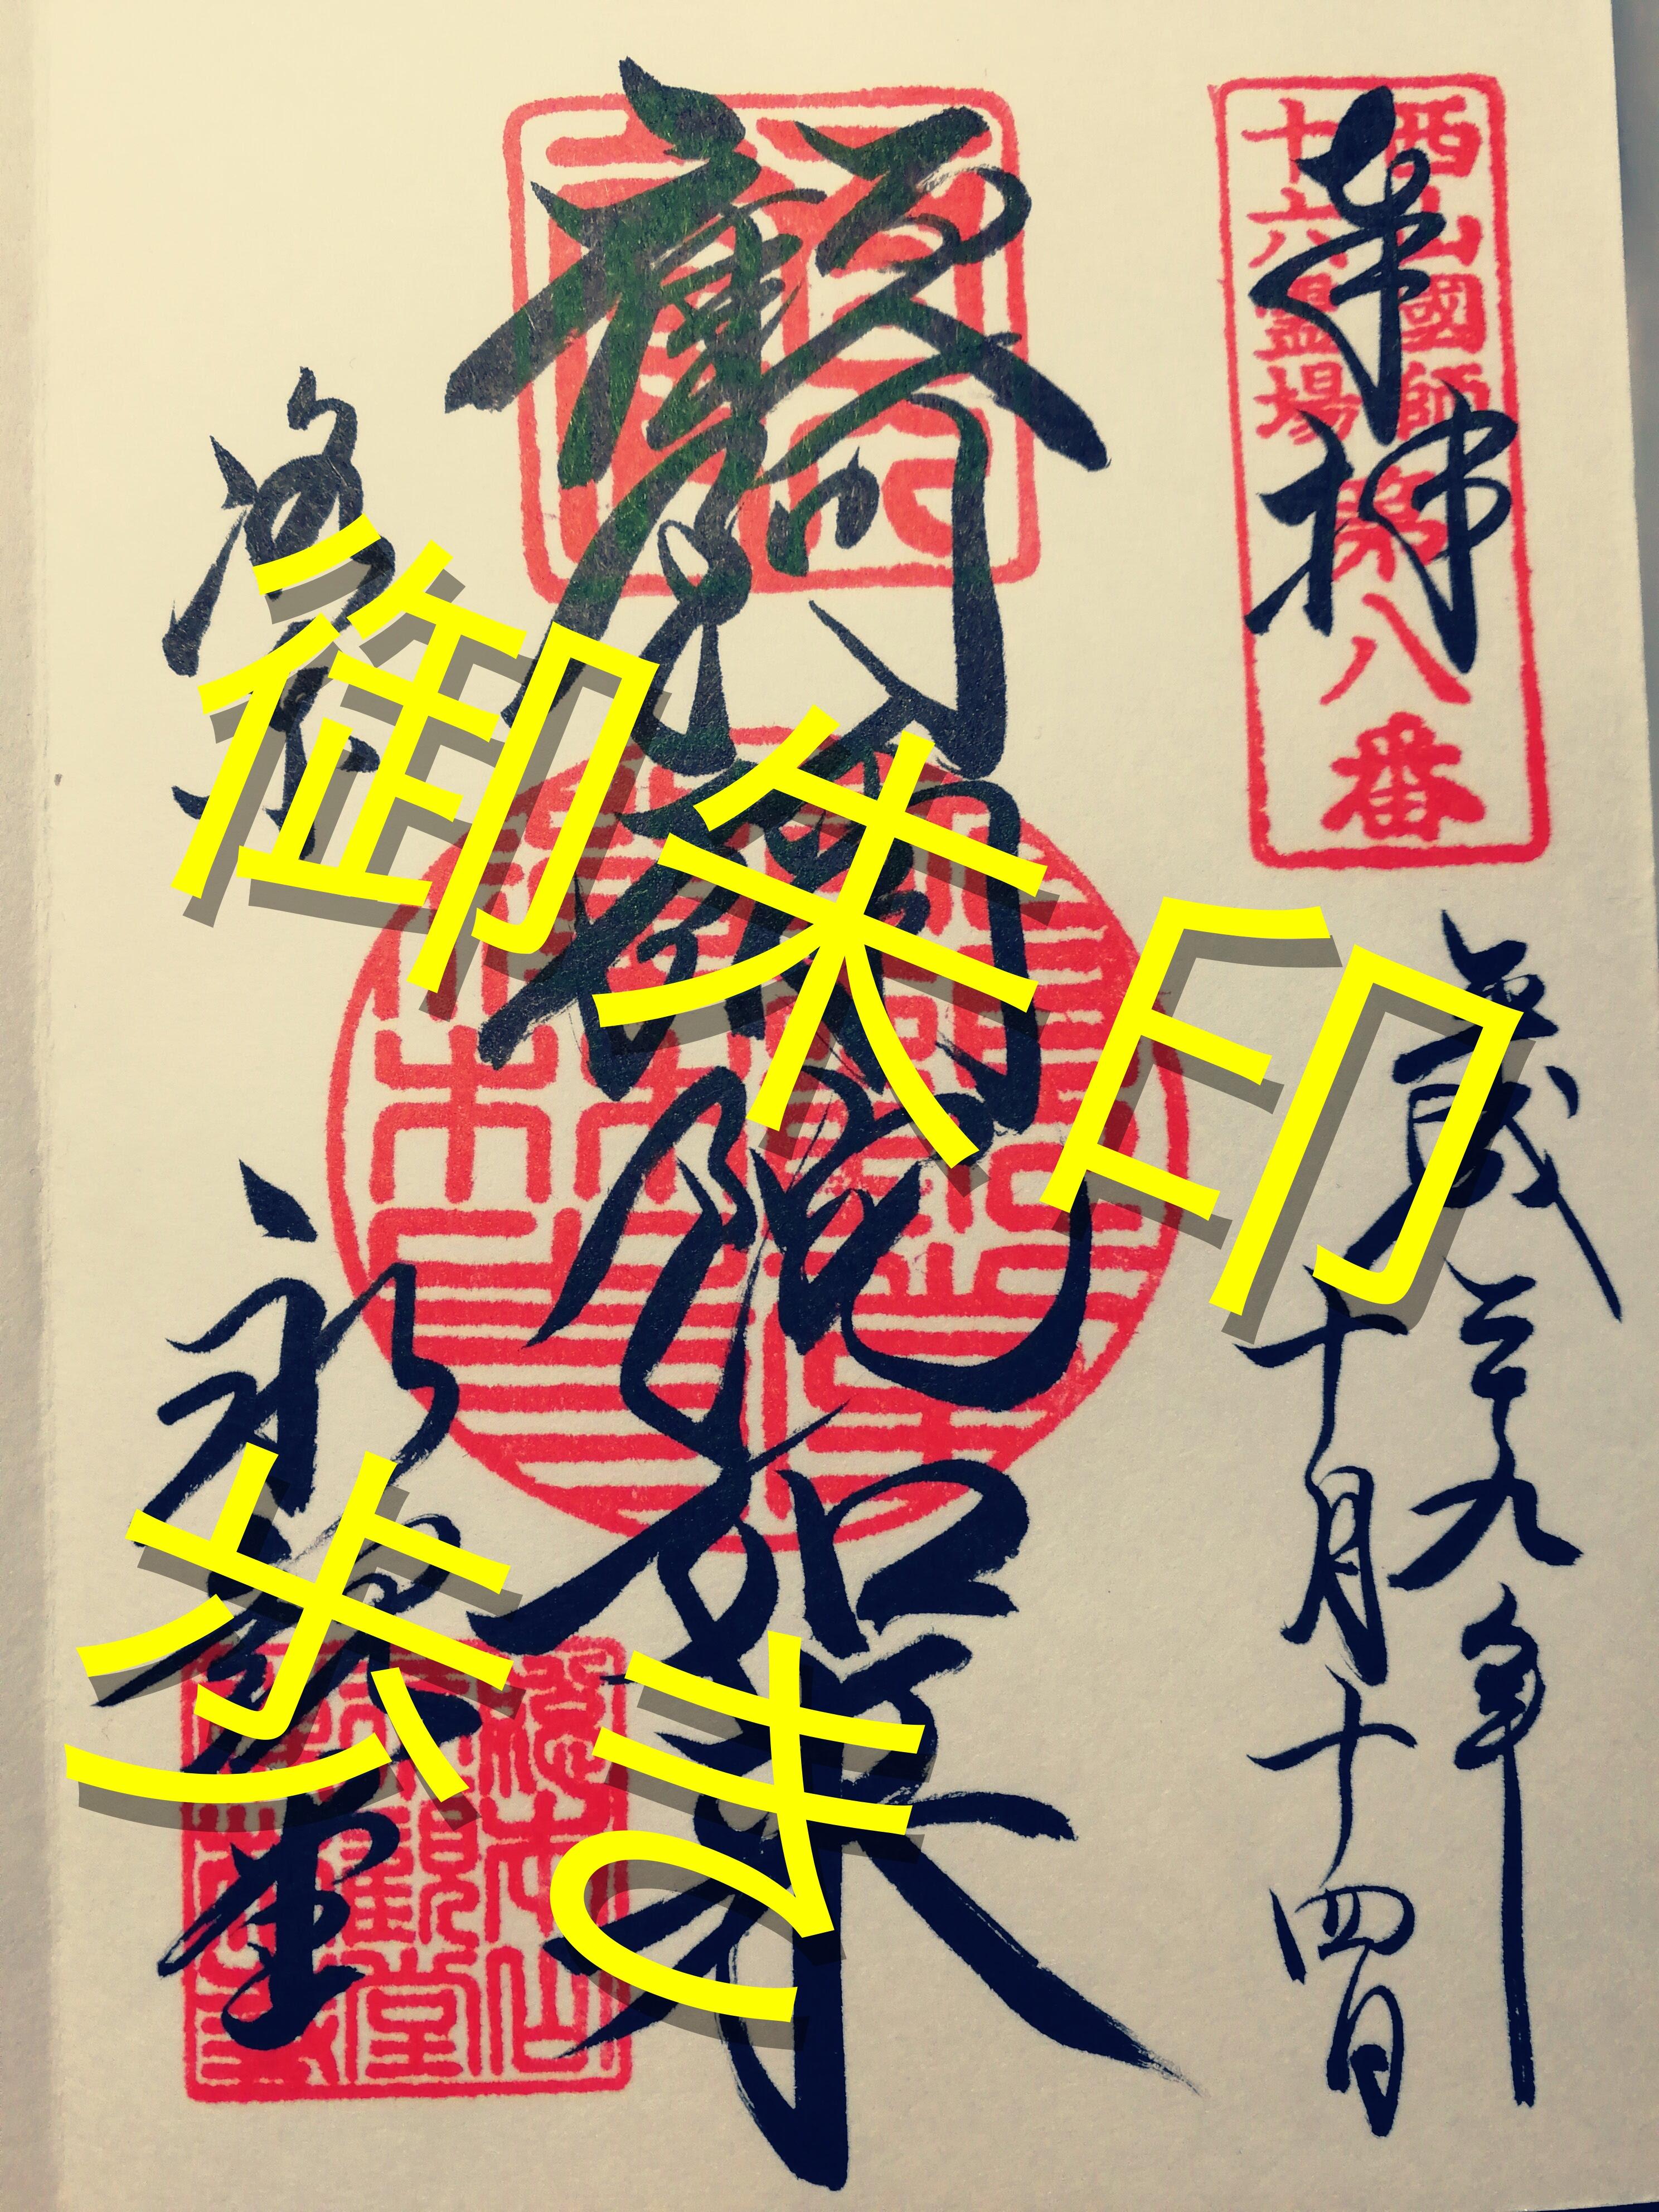 迷ったら京都・奈良の【世界遺産】から!御朱印歩きの始め方をご紹介